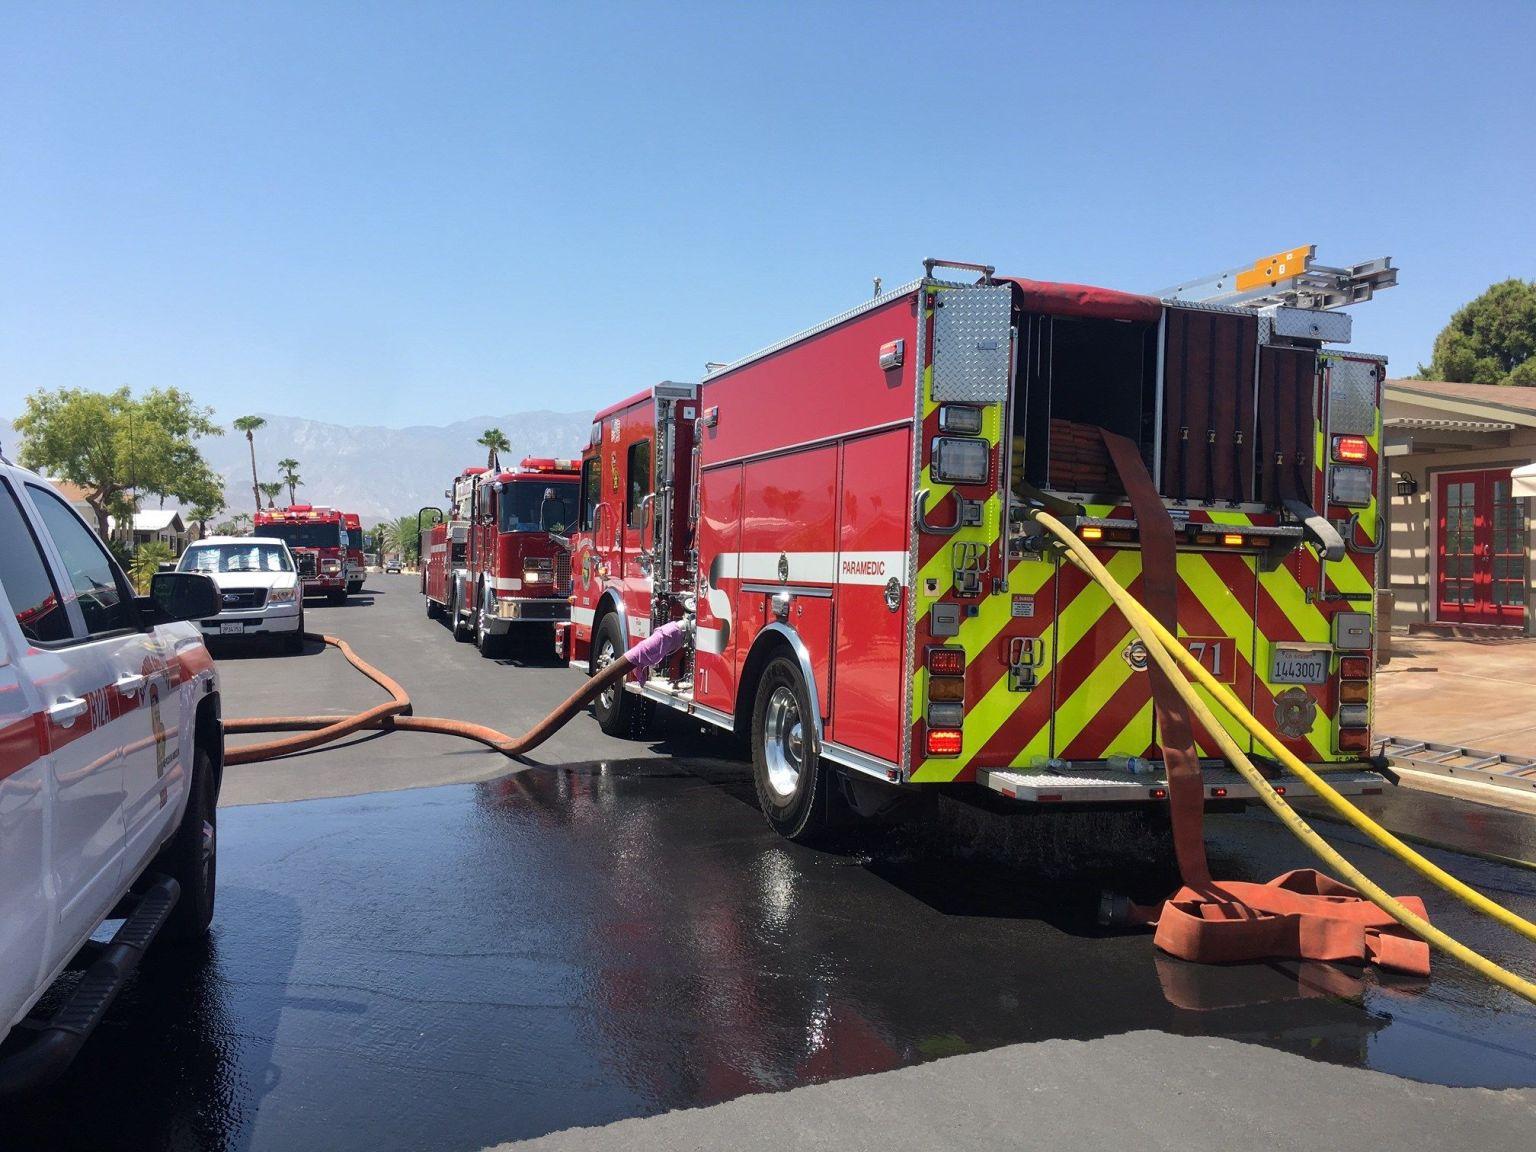 Firefighters Battle Attic Fire in Palm Desert